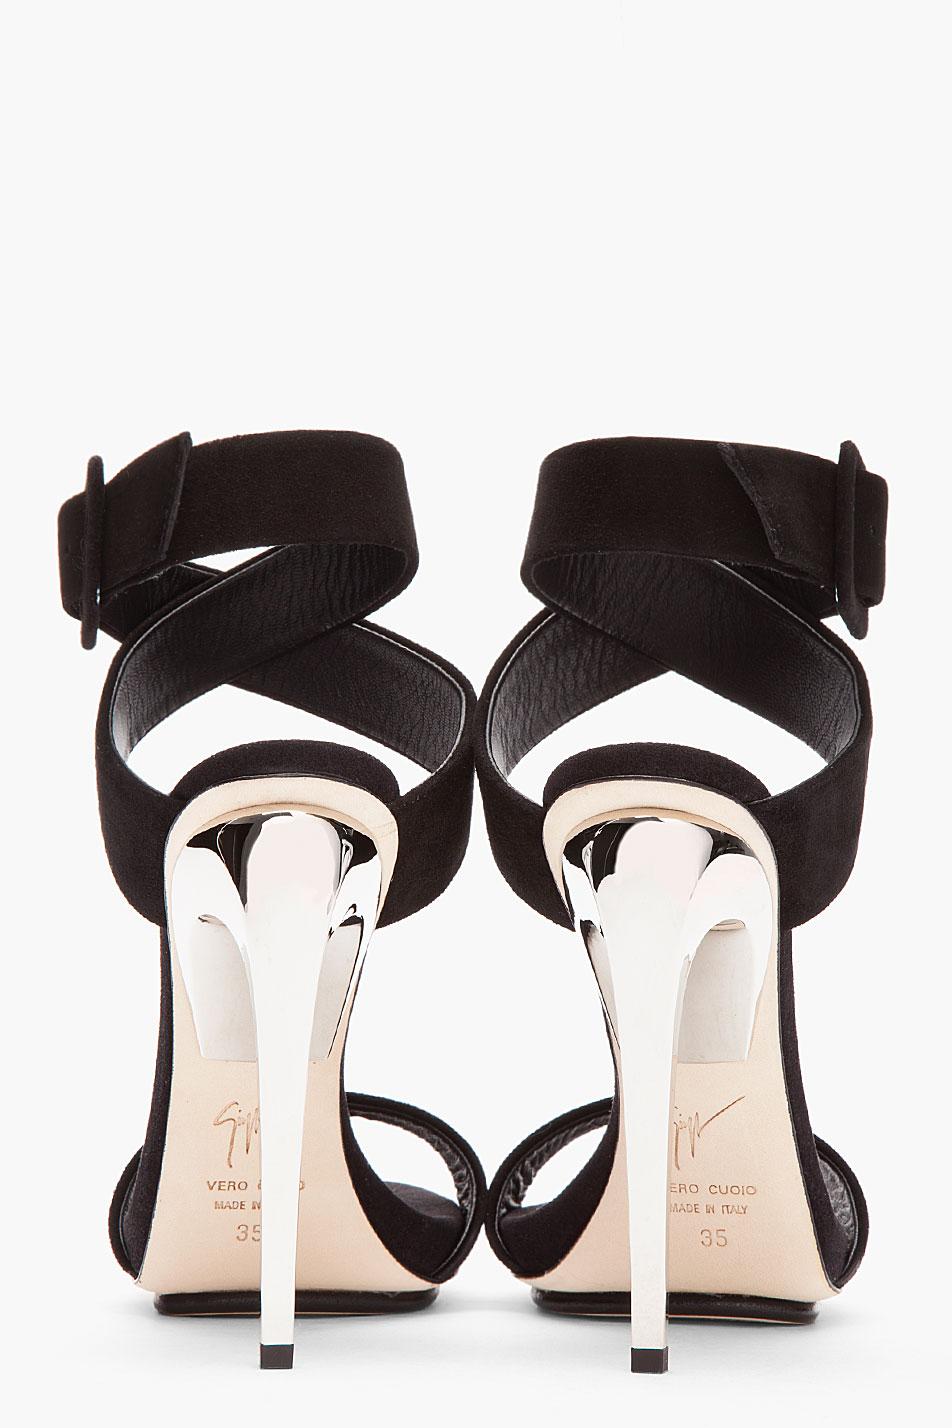 b8be0f94954 Lyst - Giuseppe Zanotti Black Suede and Silver Alien 115 Heels in Black